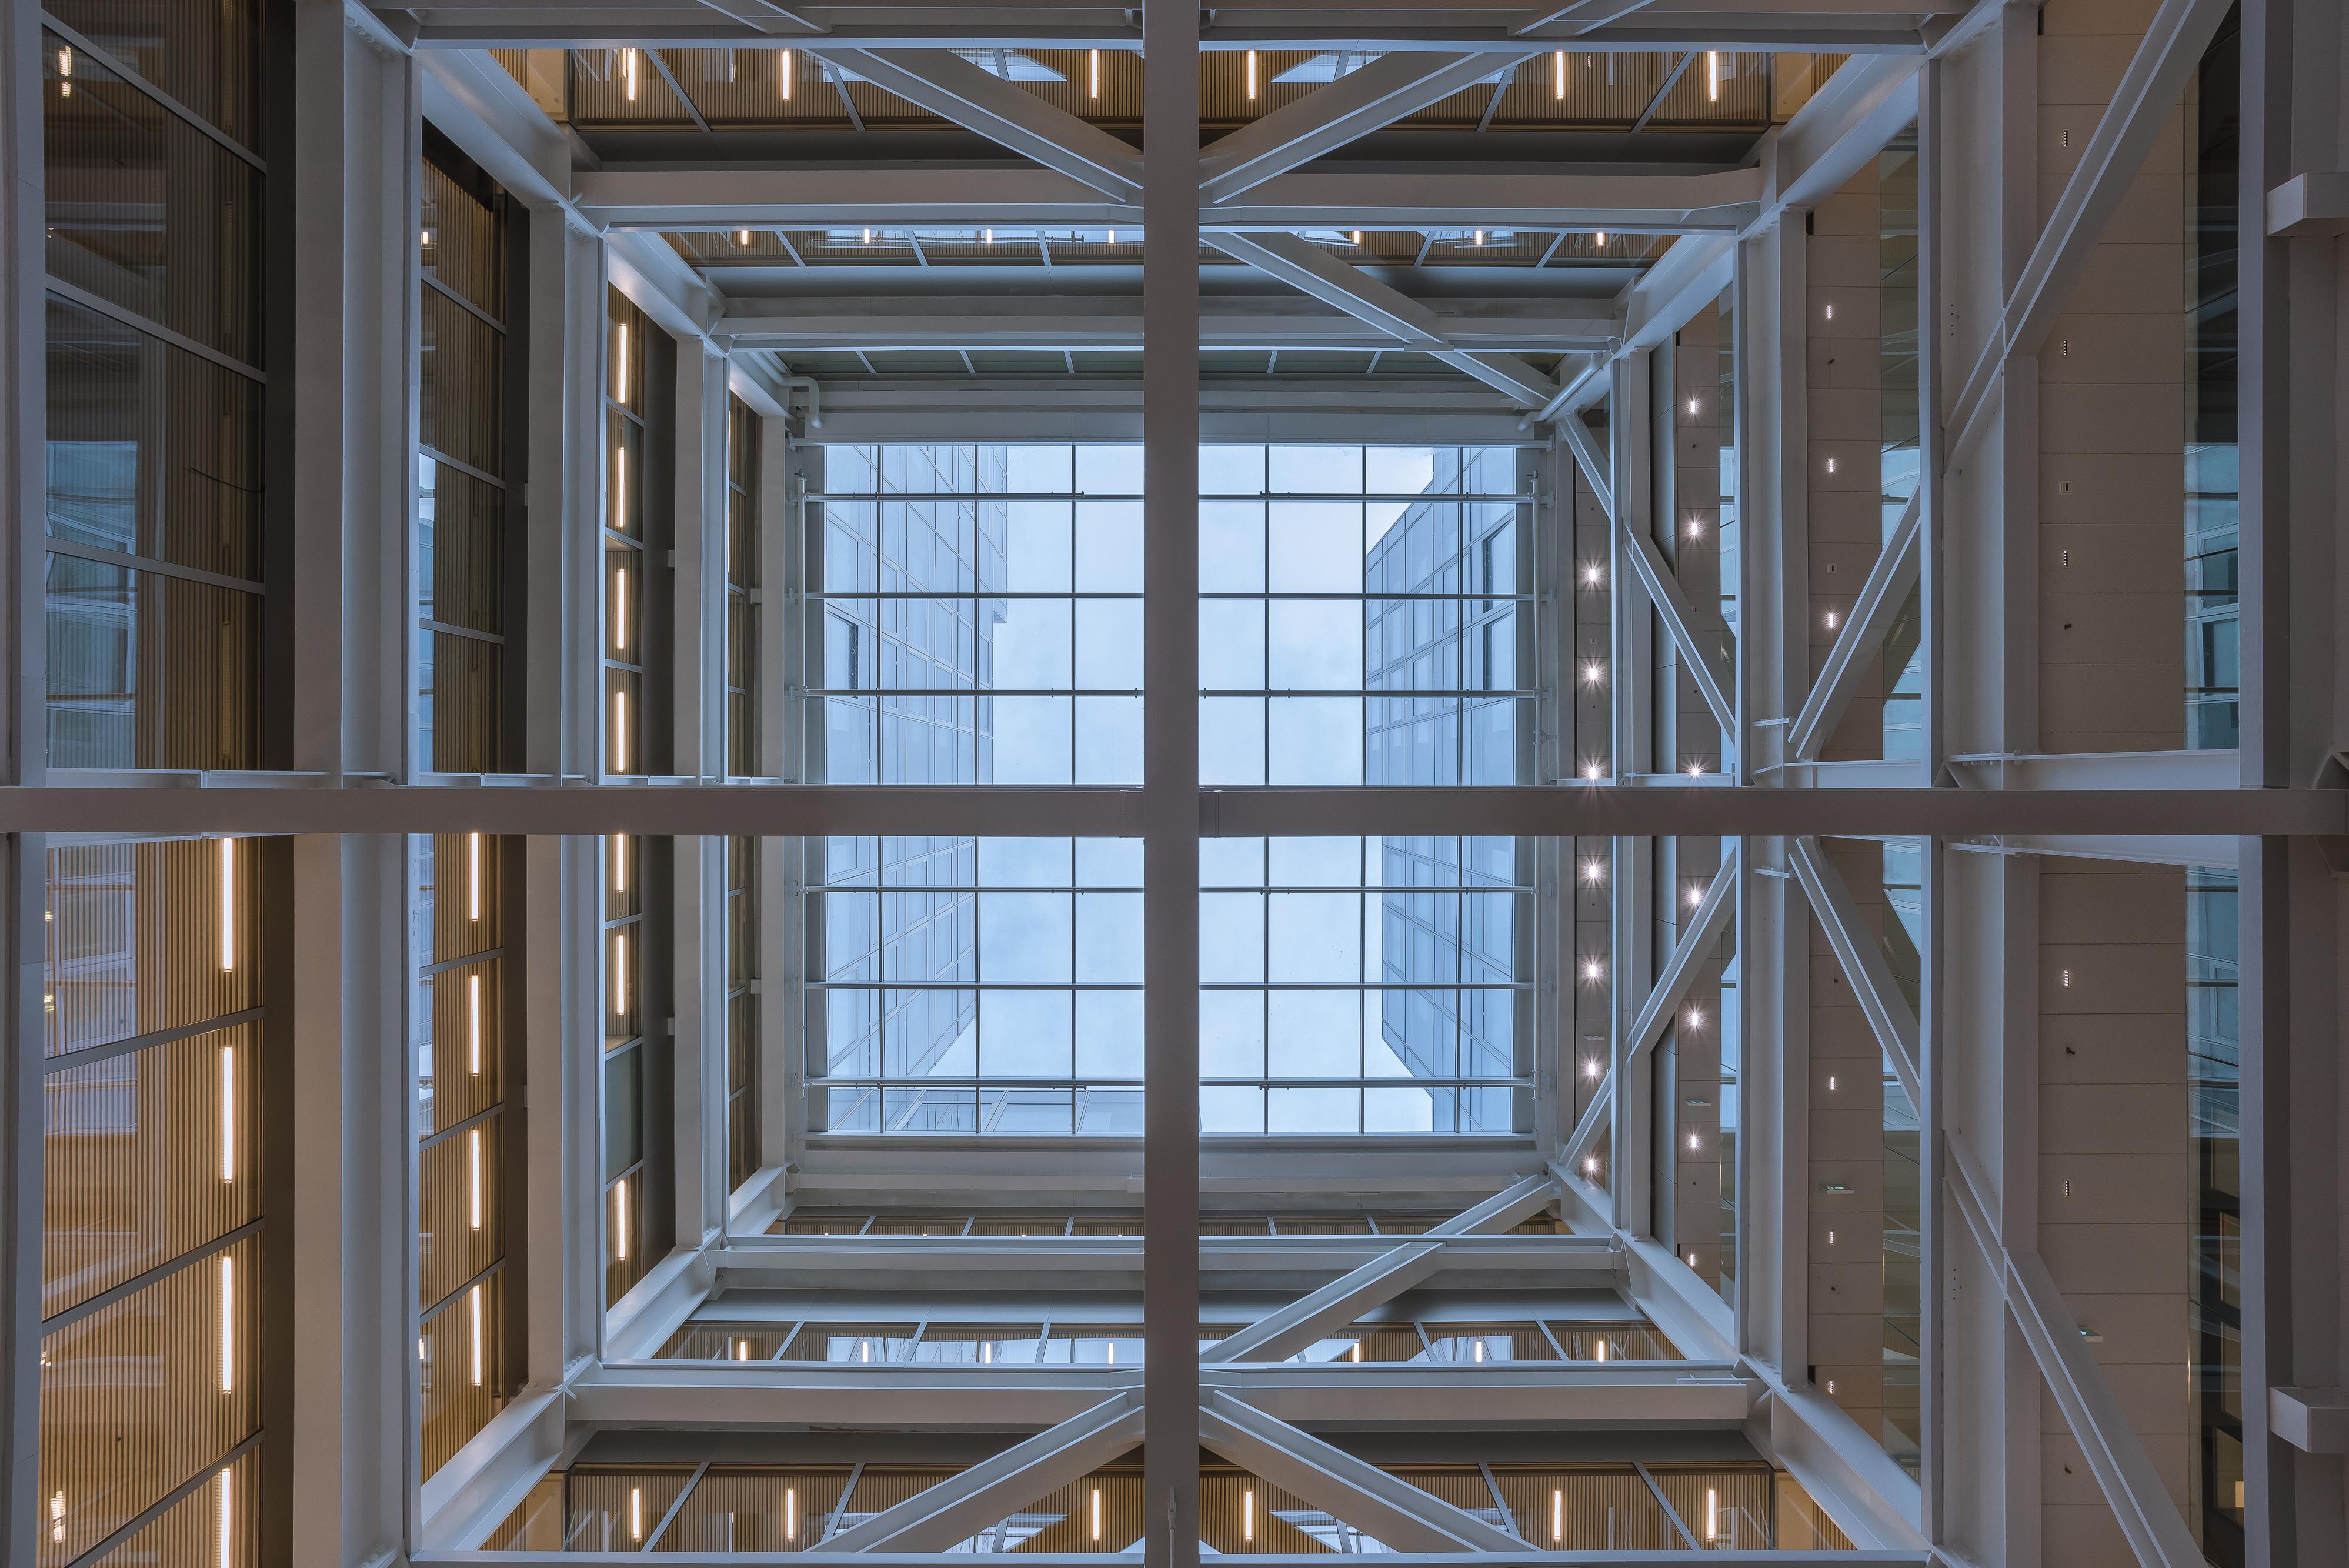 〔안정원의 디자인 칼럼〕 로테르담의 독특한 주상복합건물, 티메르하위스 공간분석 3